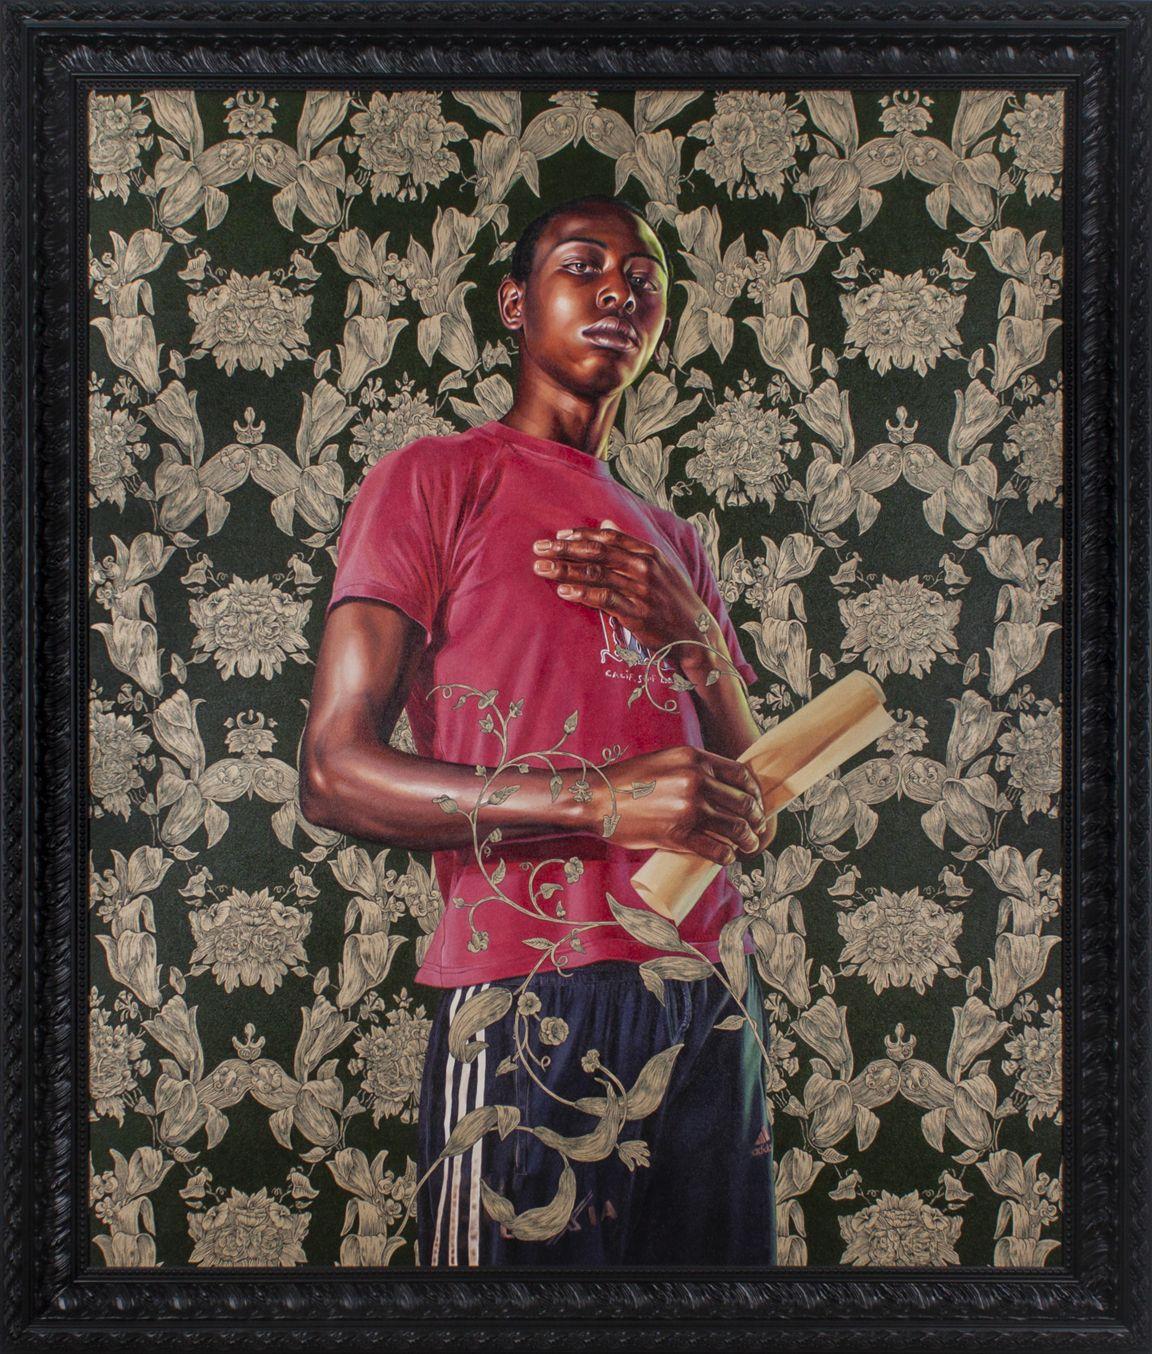 Kehinde Wiley, Portrait of Dacdjo Ndie Joseph, 2015